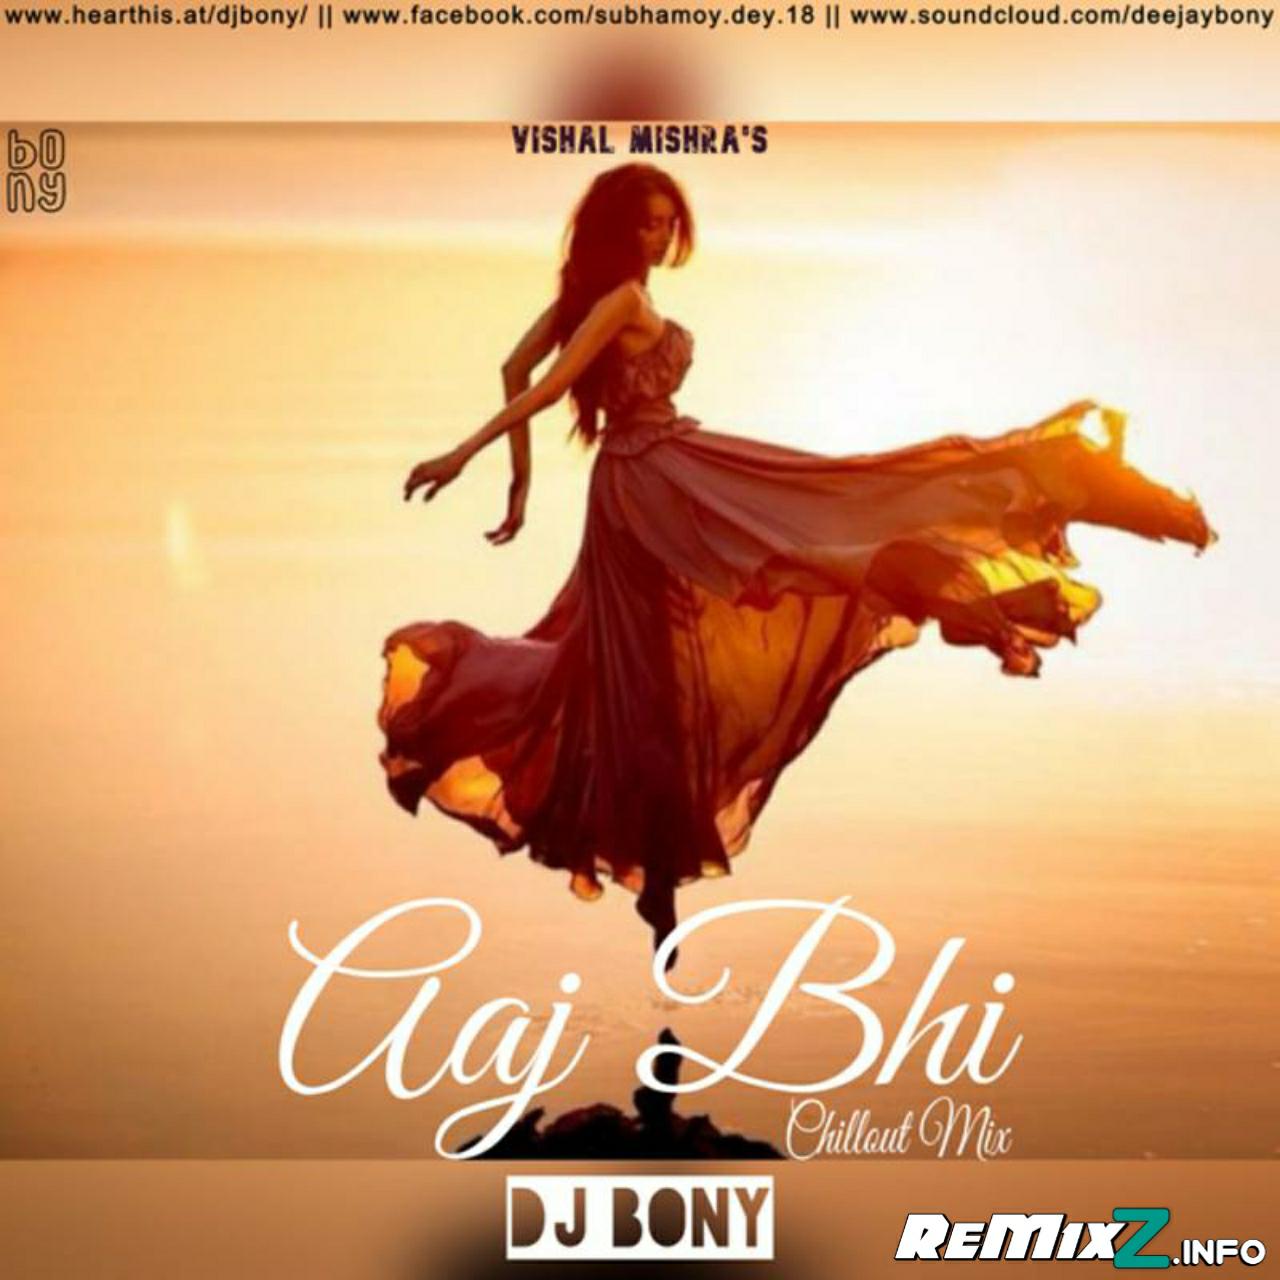 Aaj-Bhi-Chillout-Mix-DJ-Bony.jpg